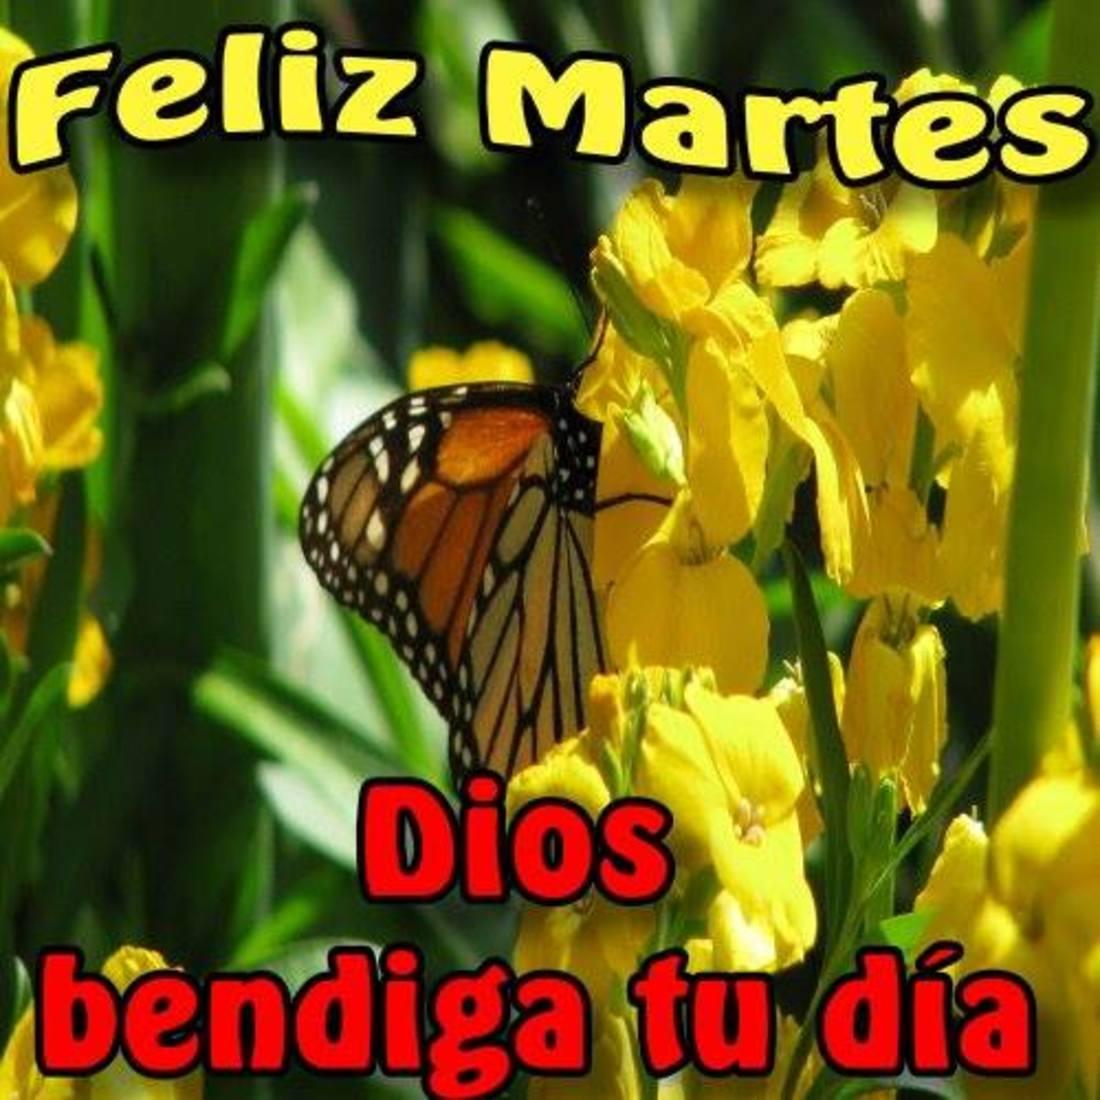 Feliz Martes Dios bendiga tu día